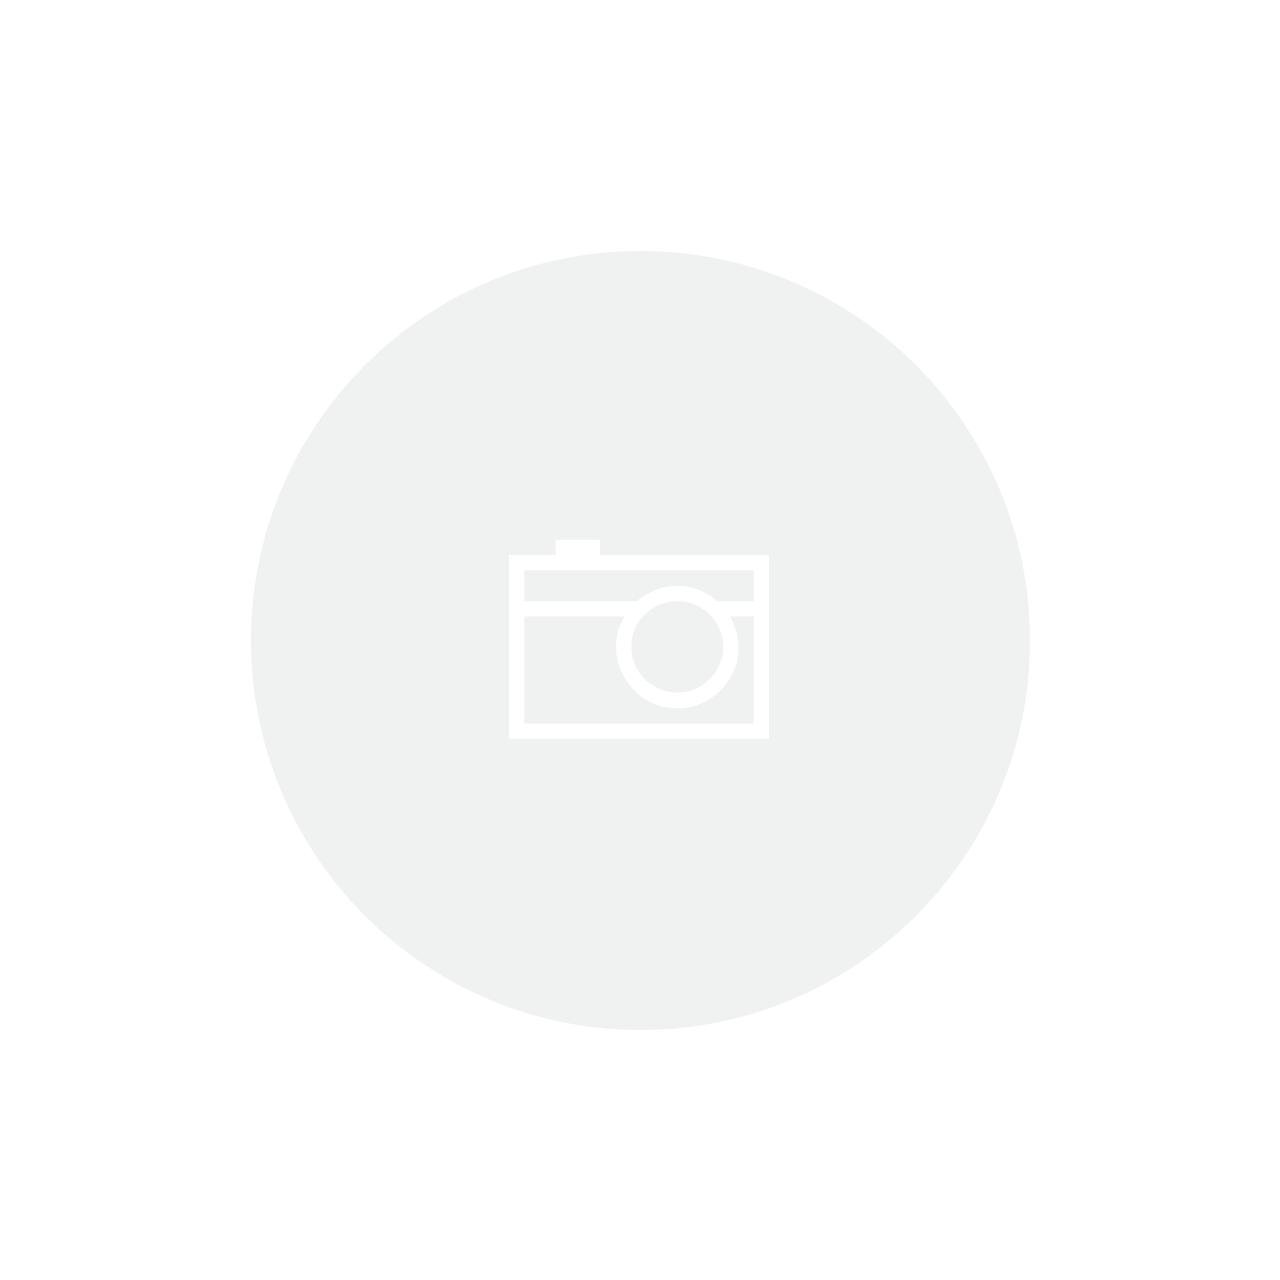 Basilisco, Aglianico del Vulture - Teodosio 2015